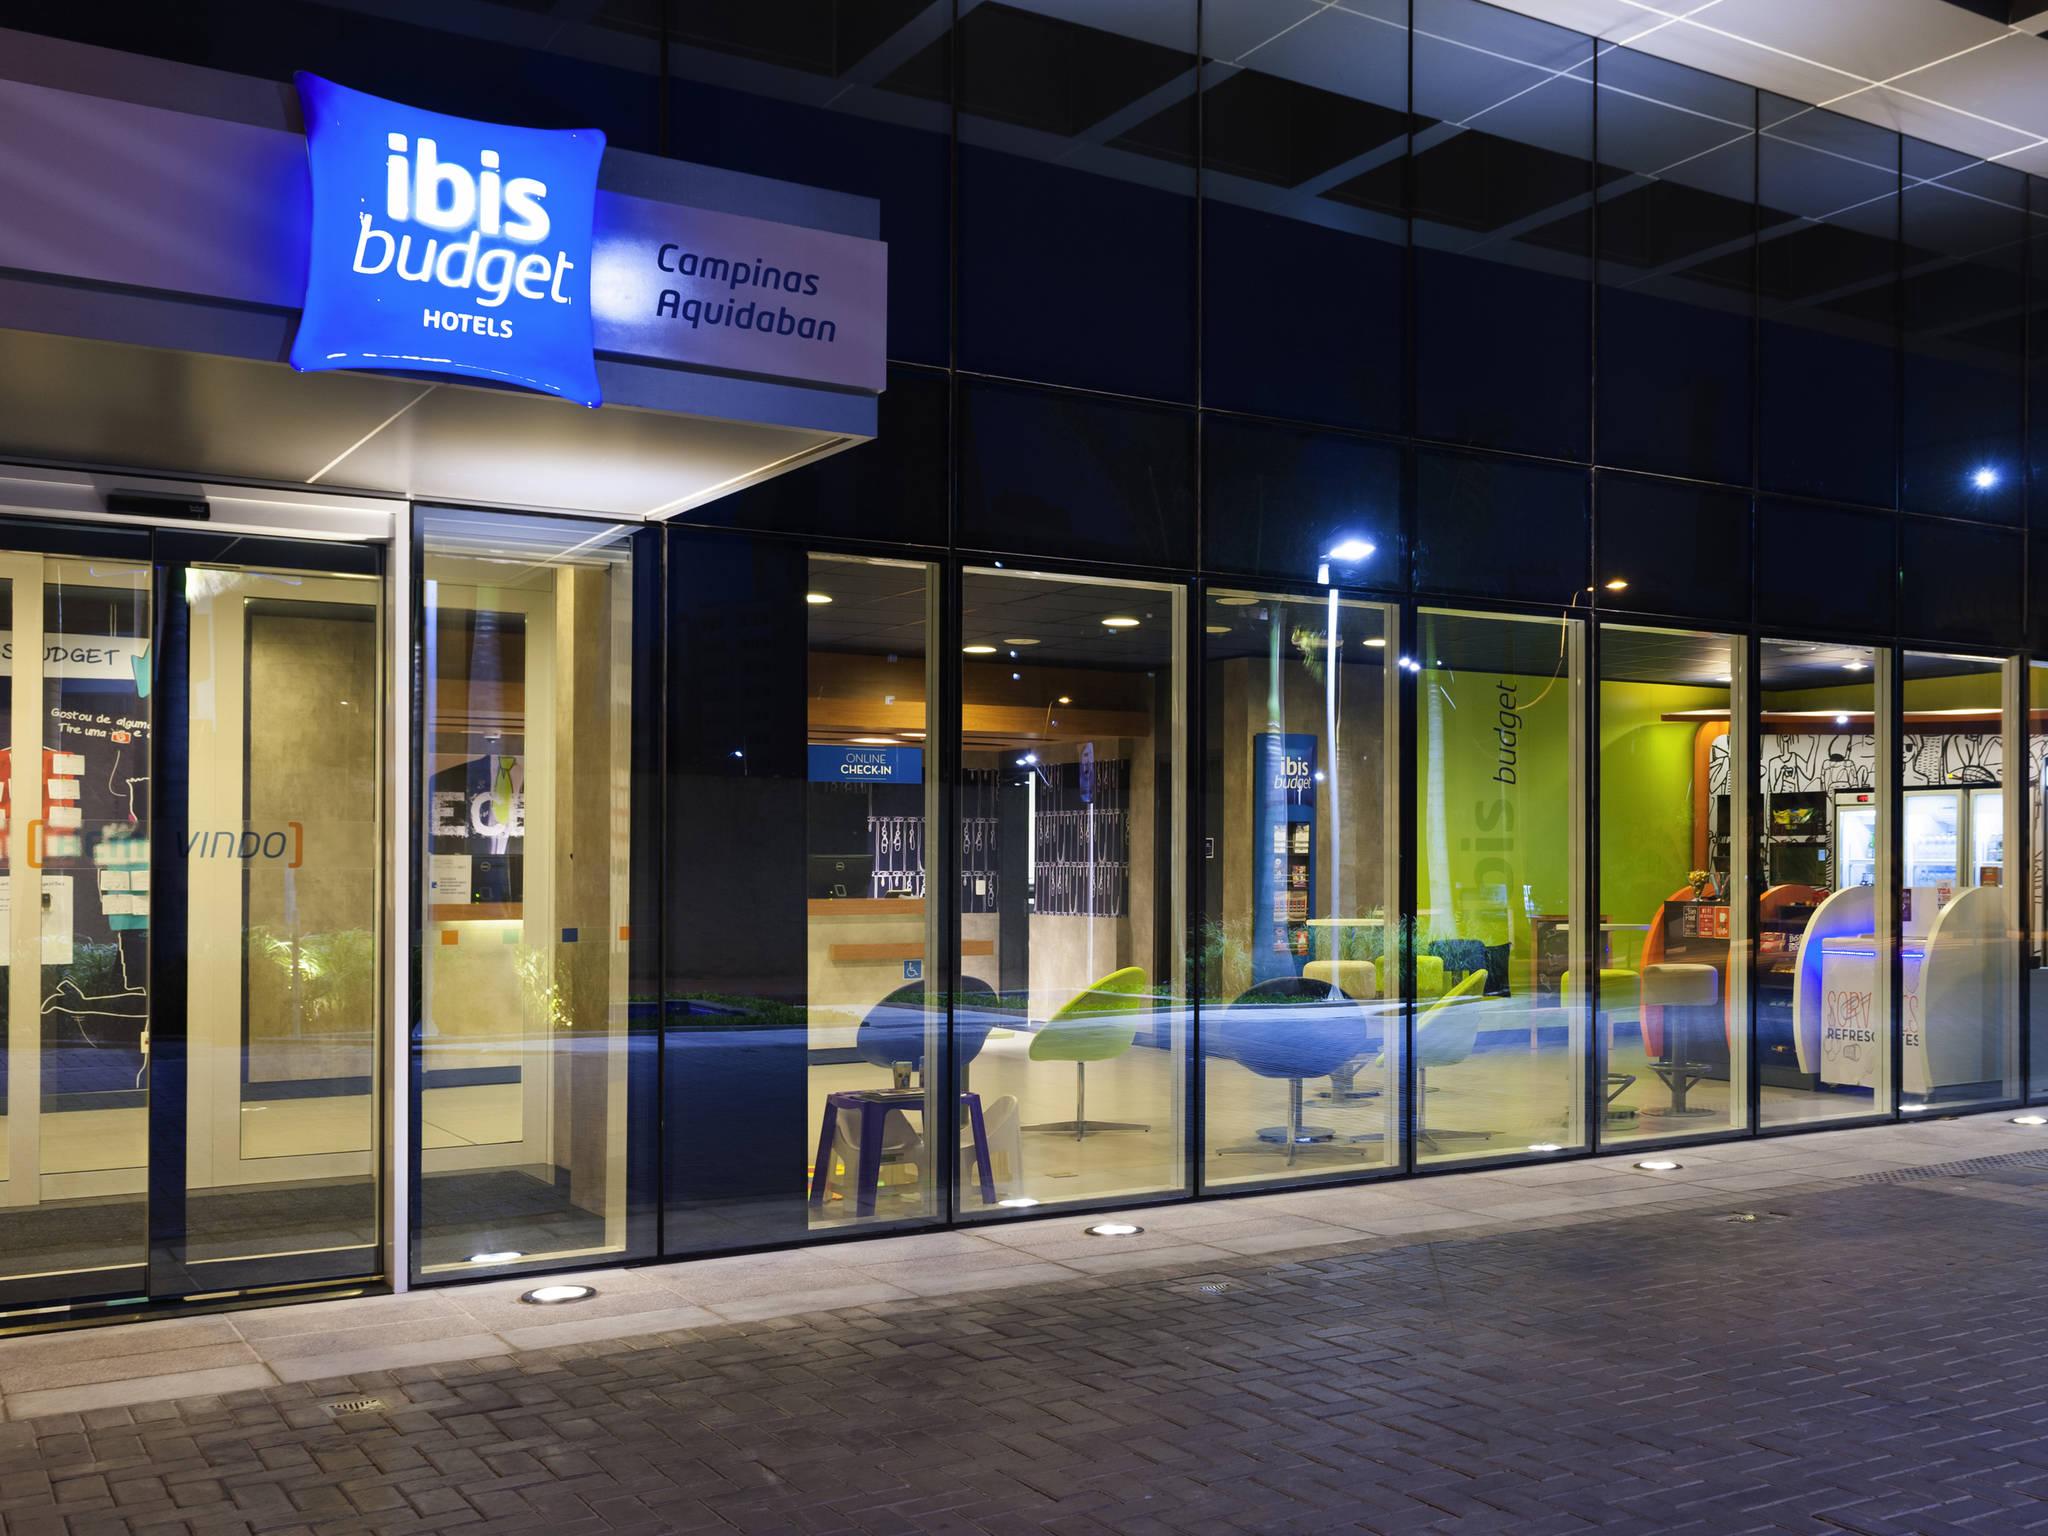 โรงแรม – ibis budget Campinas Aquidaban